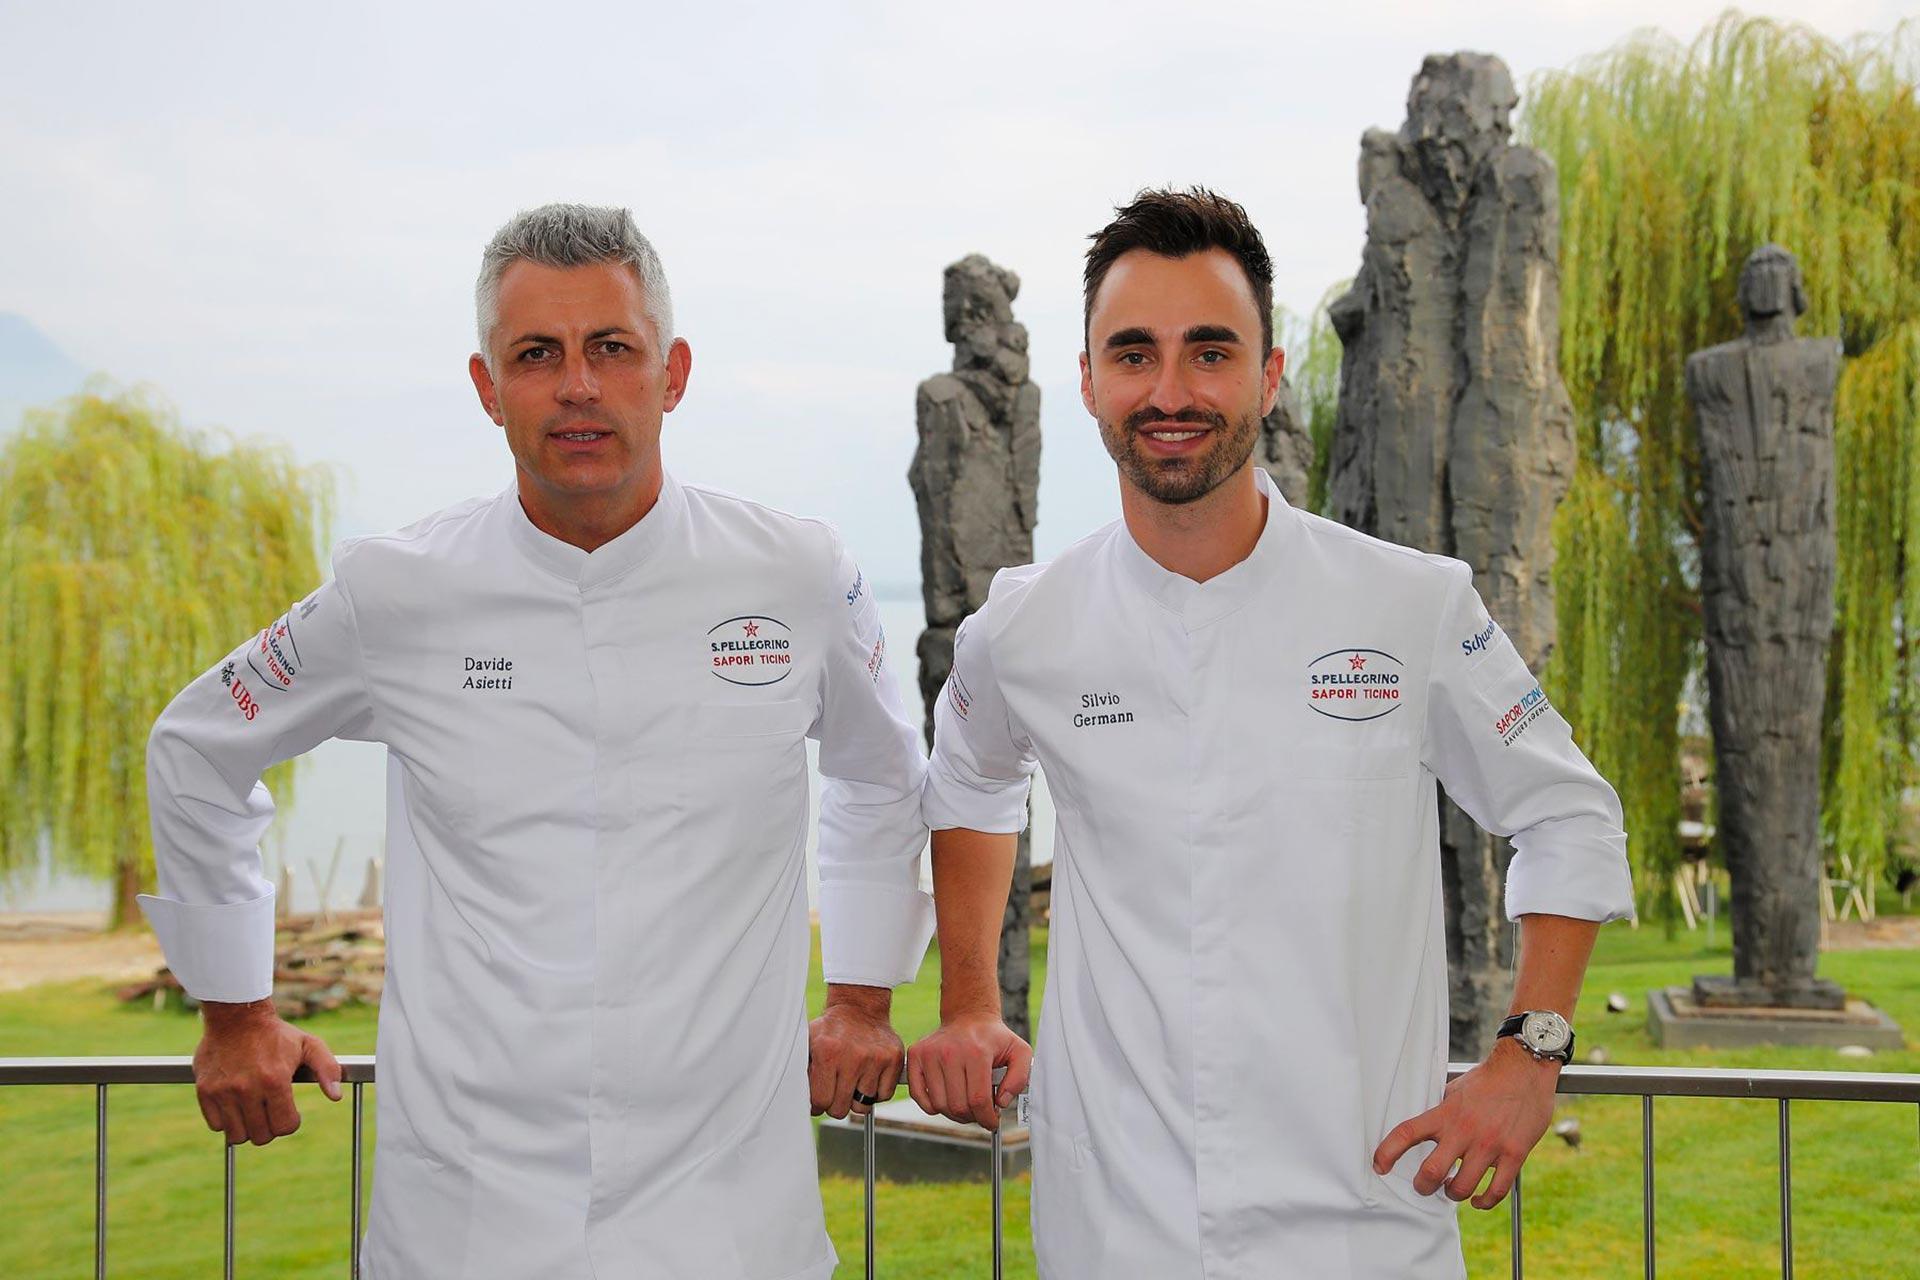 Chef Silvio Germann Davide Asietti Sapori Ticino 2020